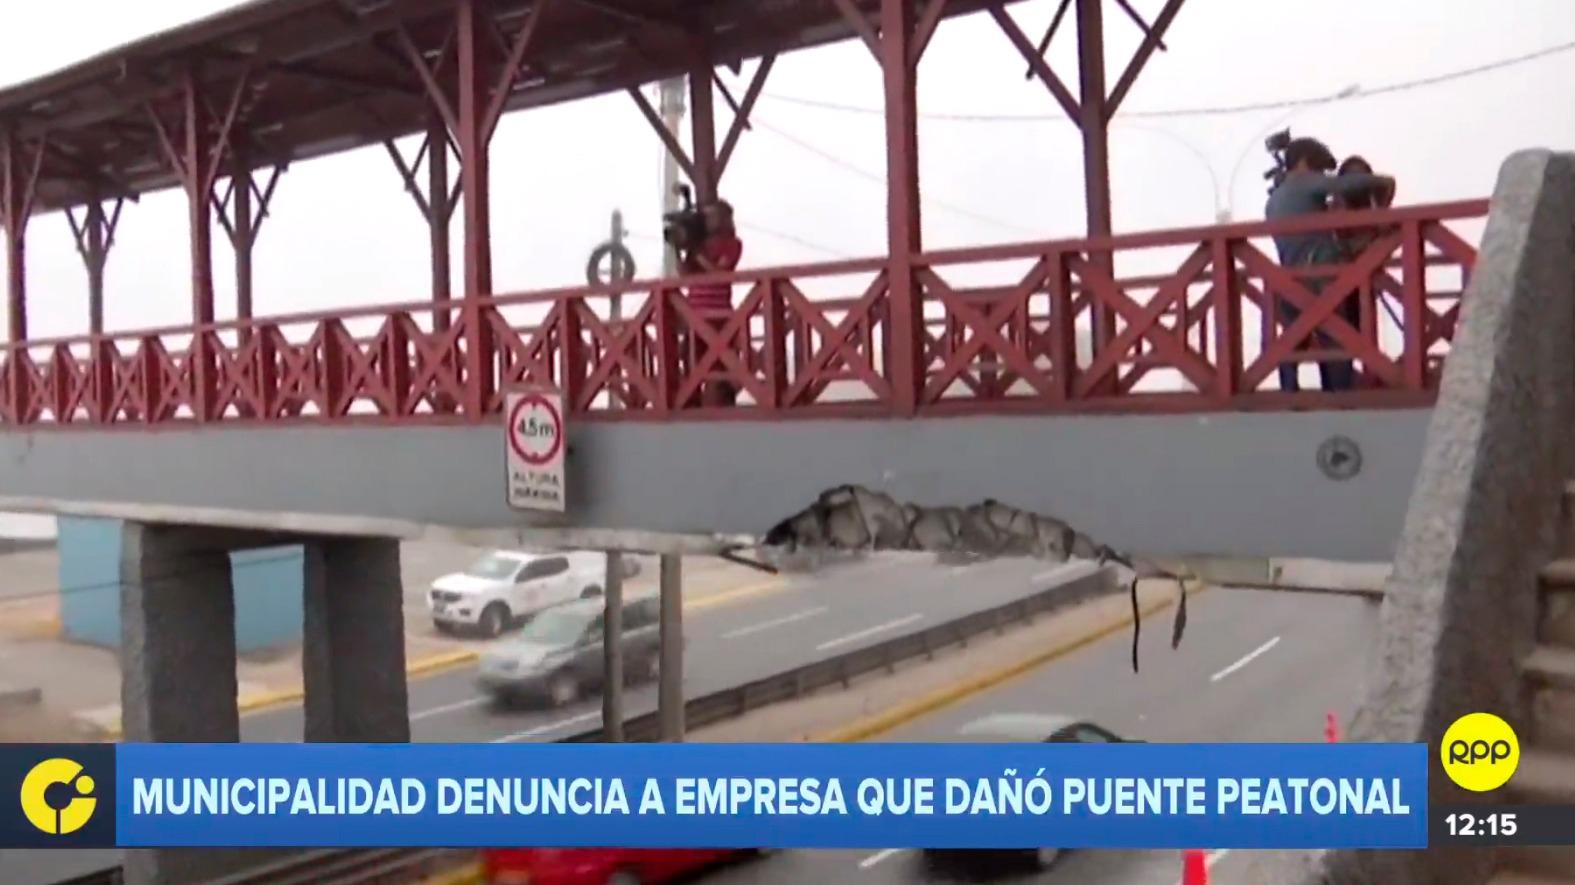 Municipalidad denunció a empresa que dañó puente peatonal.